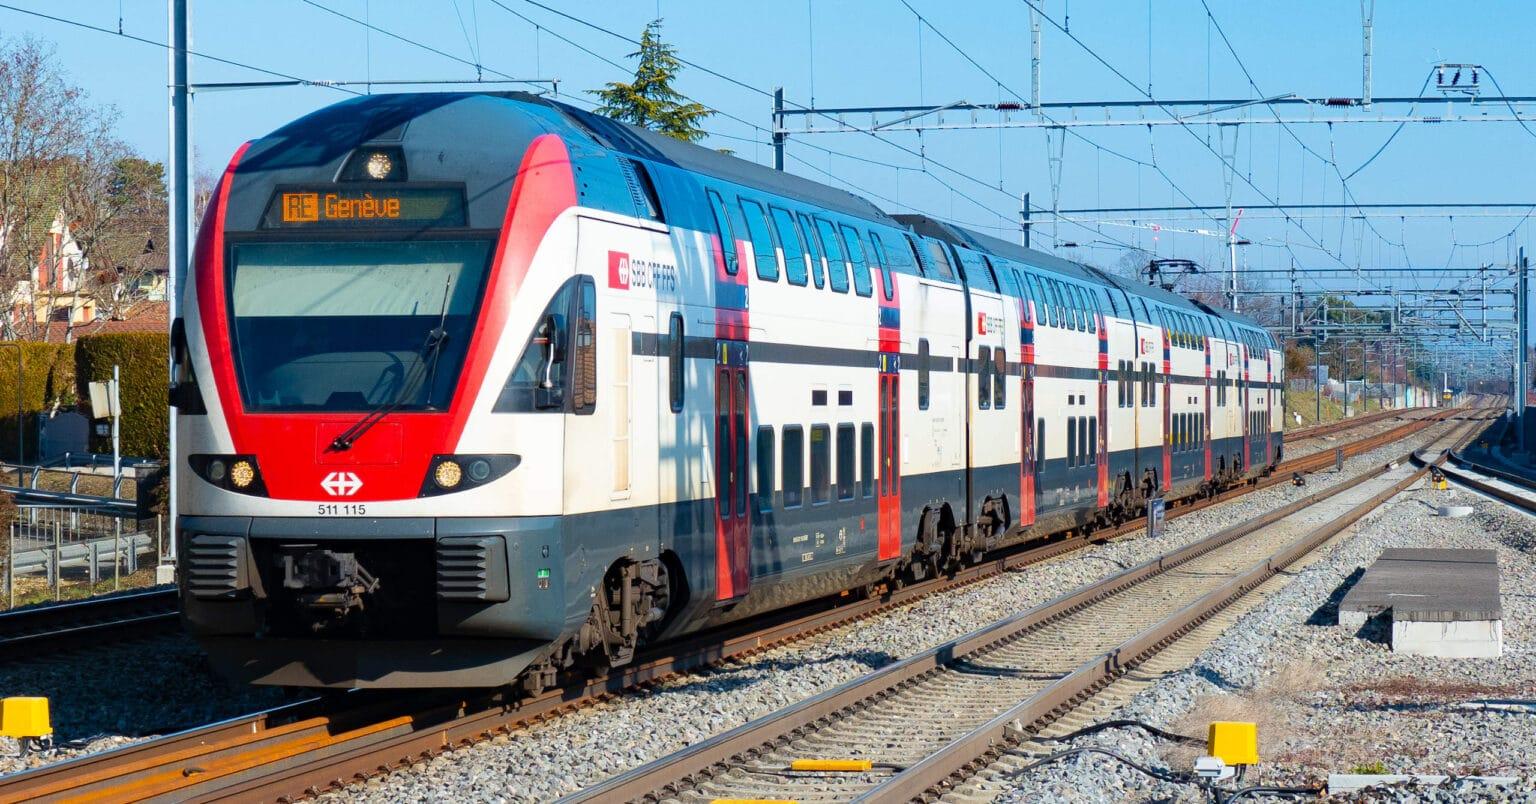 Stadler Kiss de los ferrocarriles suizos, un modelo similar al que Stadler Rail Valencia podría haber ofrecido a Renfe. MARKUS EIGENHEER.